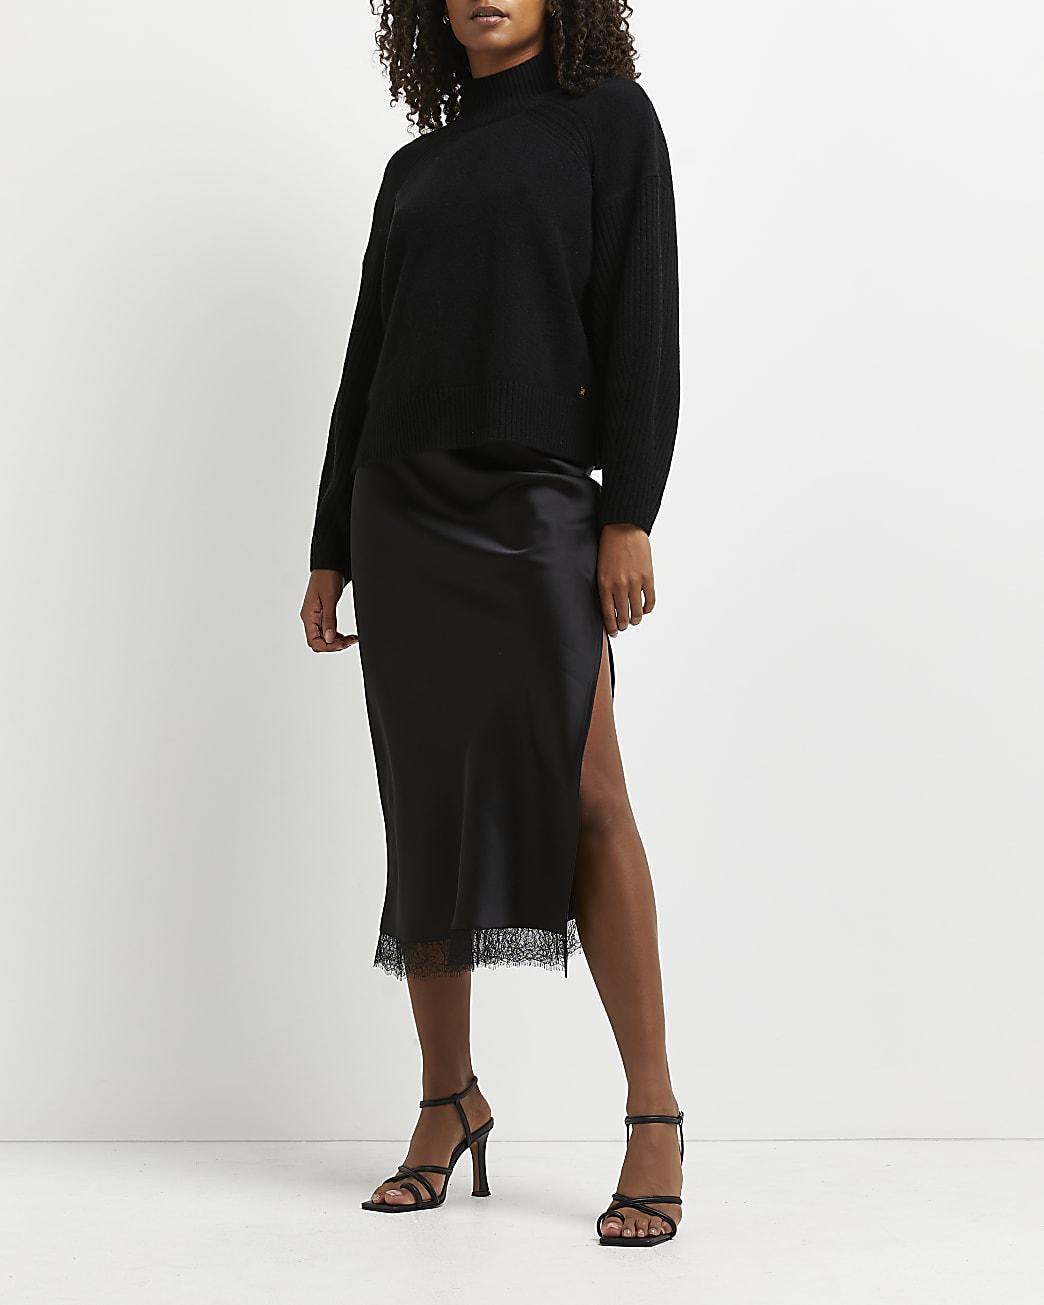 Black lace hem midi skirt